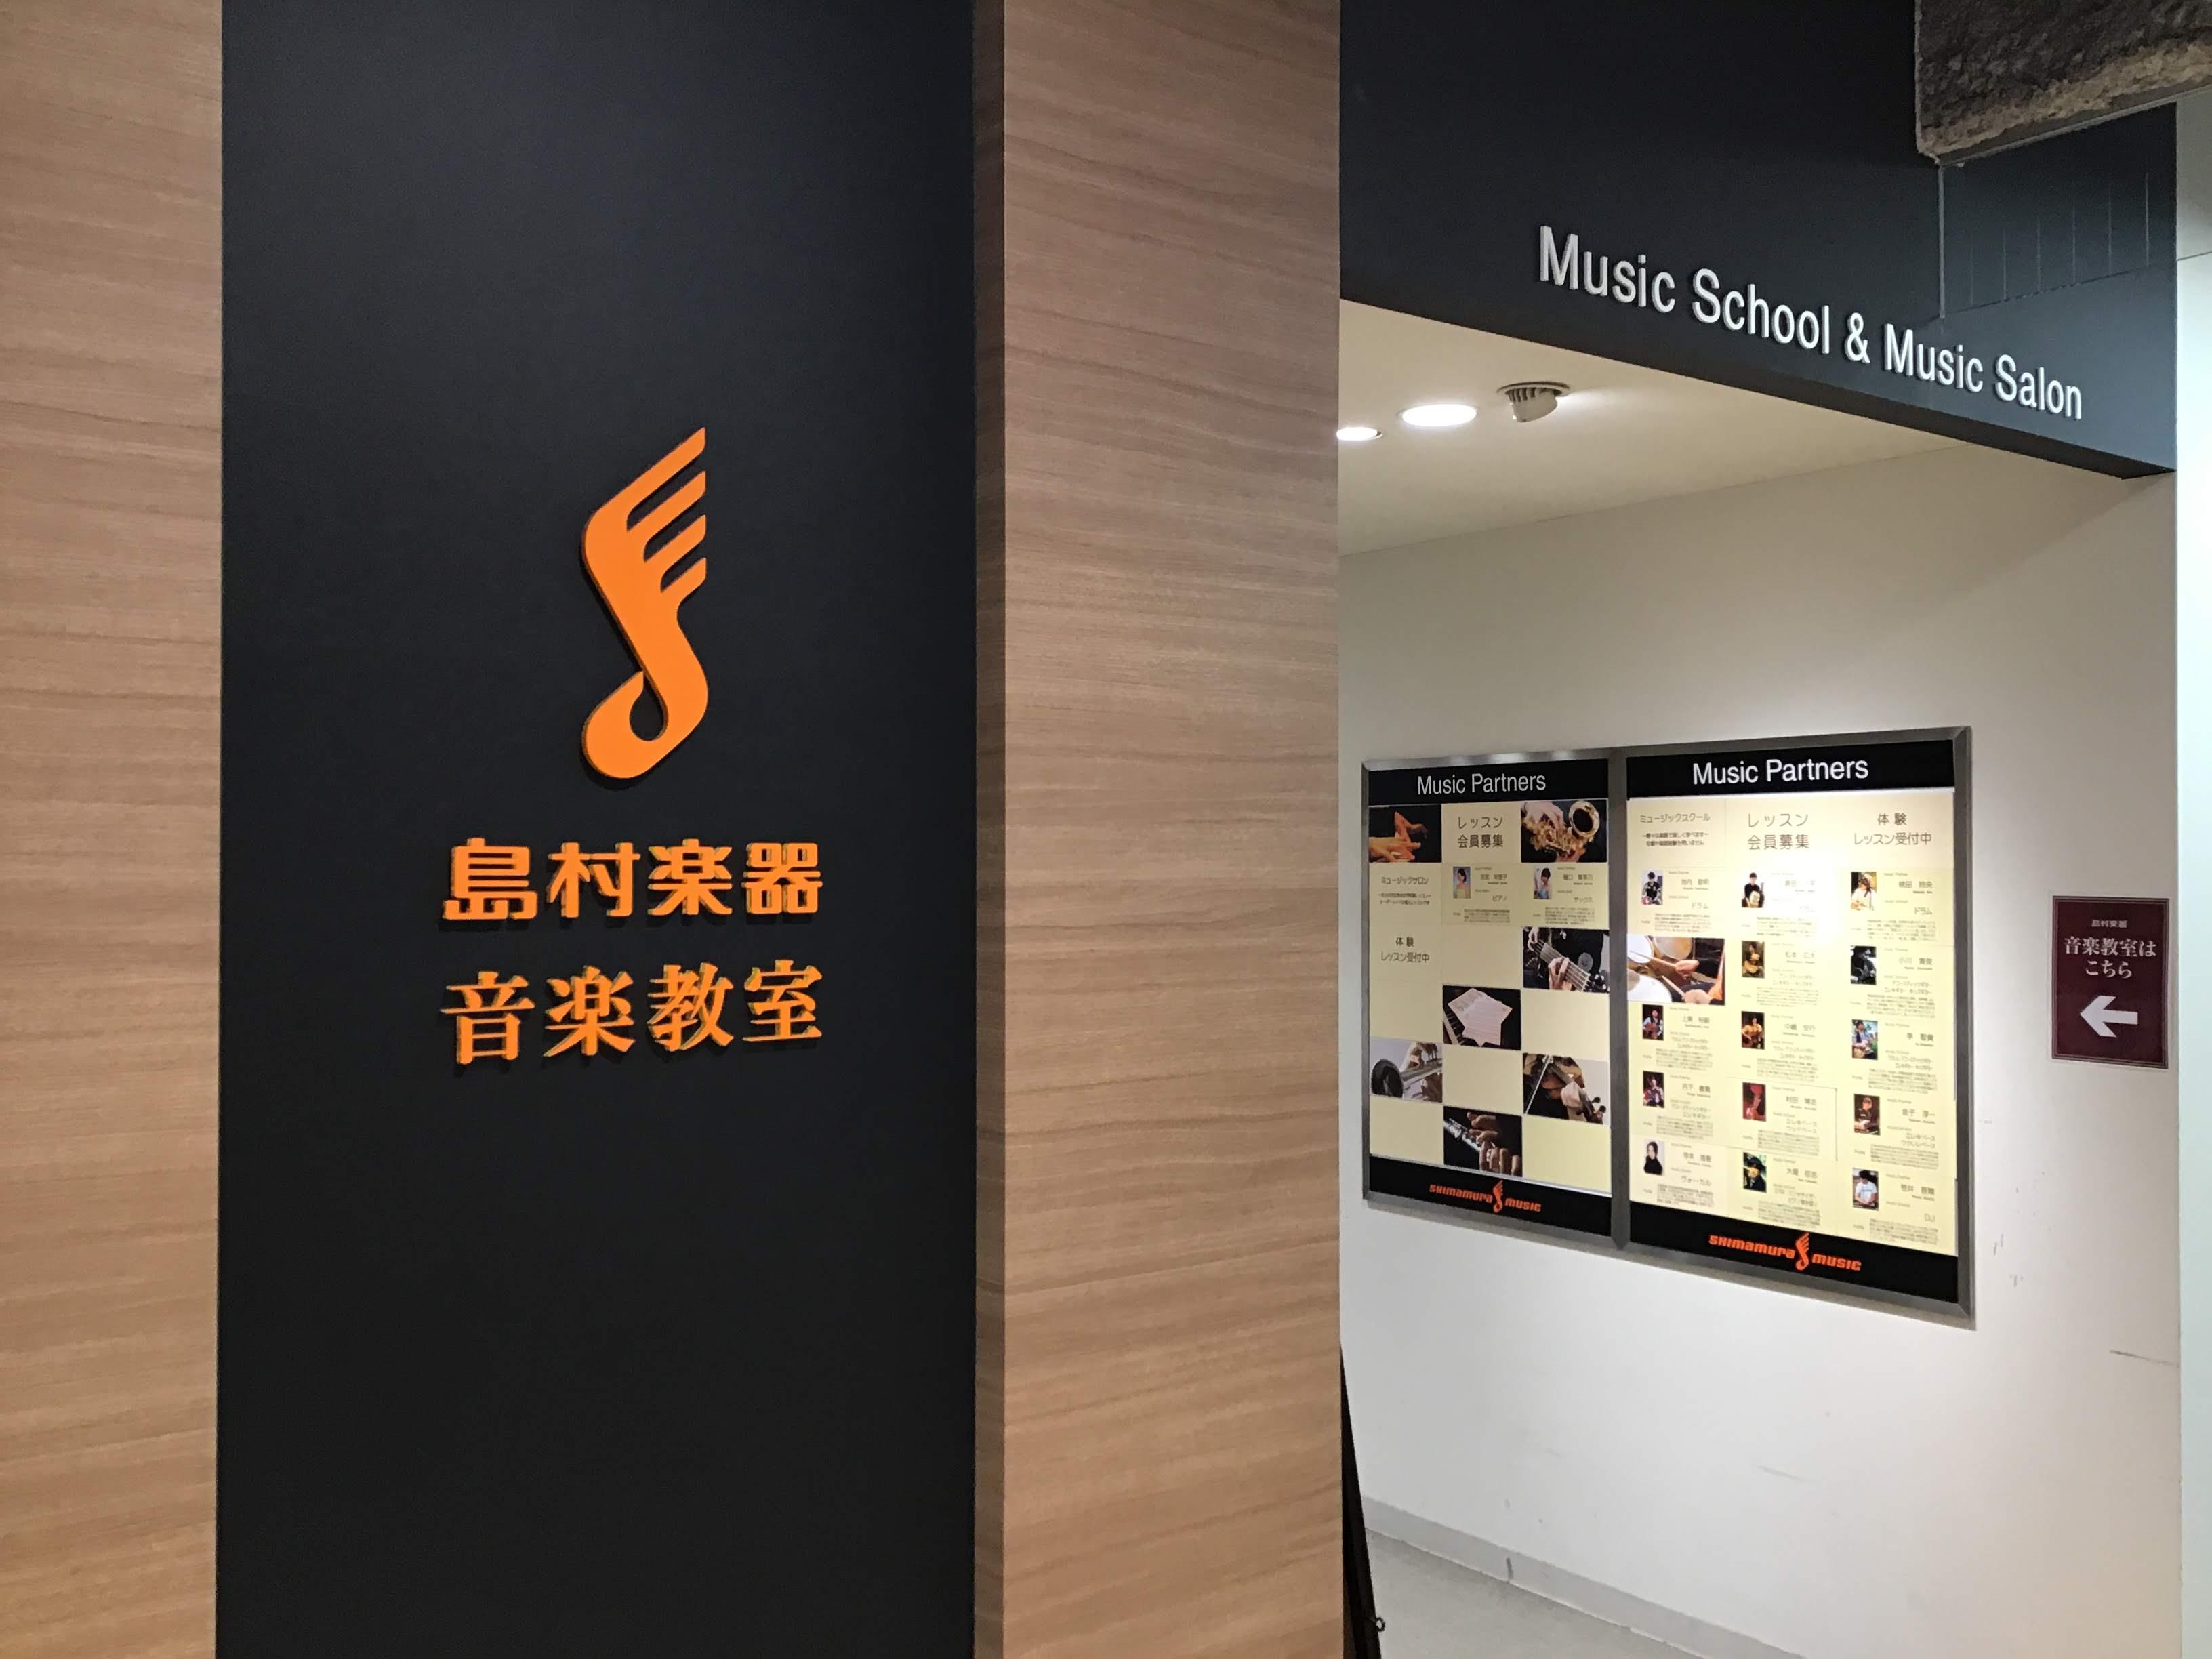 島村楽器梅田ロフト店 音楽教室